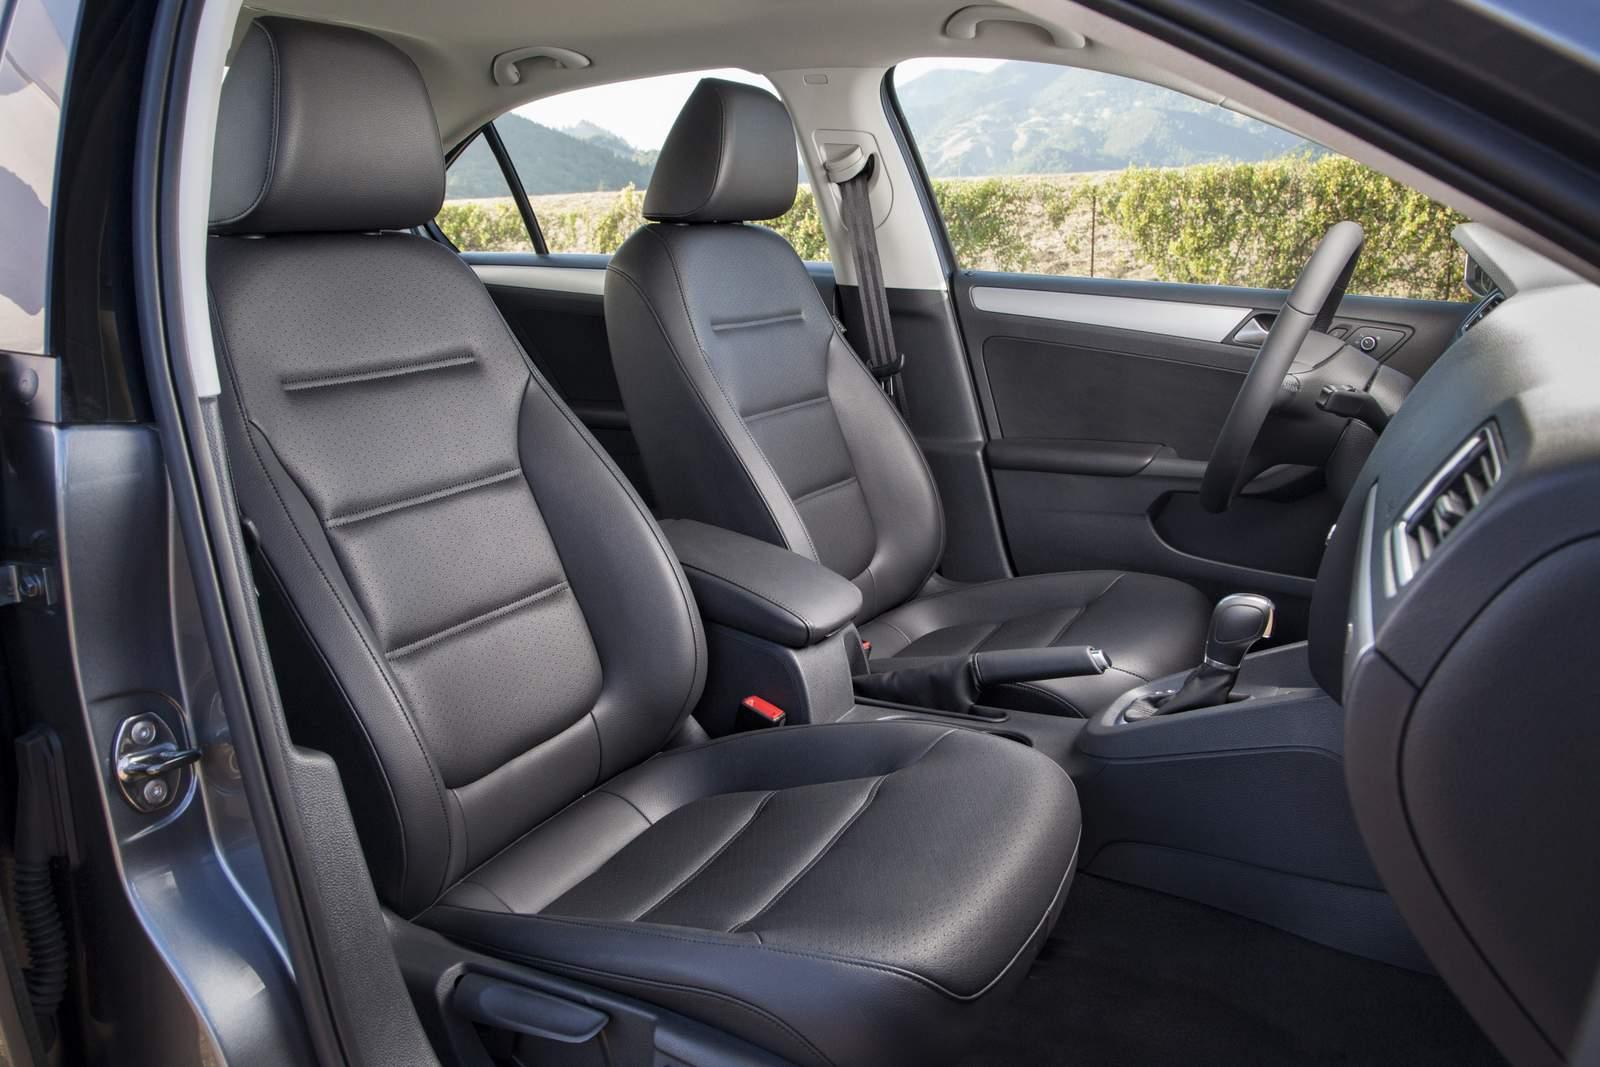 VW Jetta 1.4 TSI Automático 2016